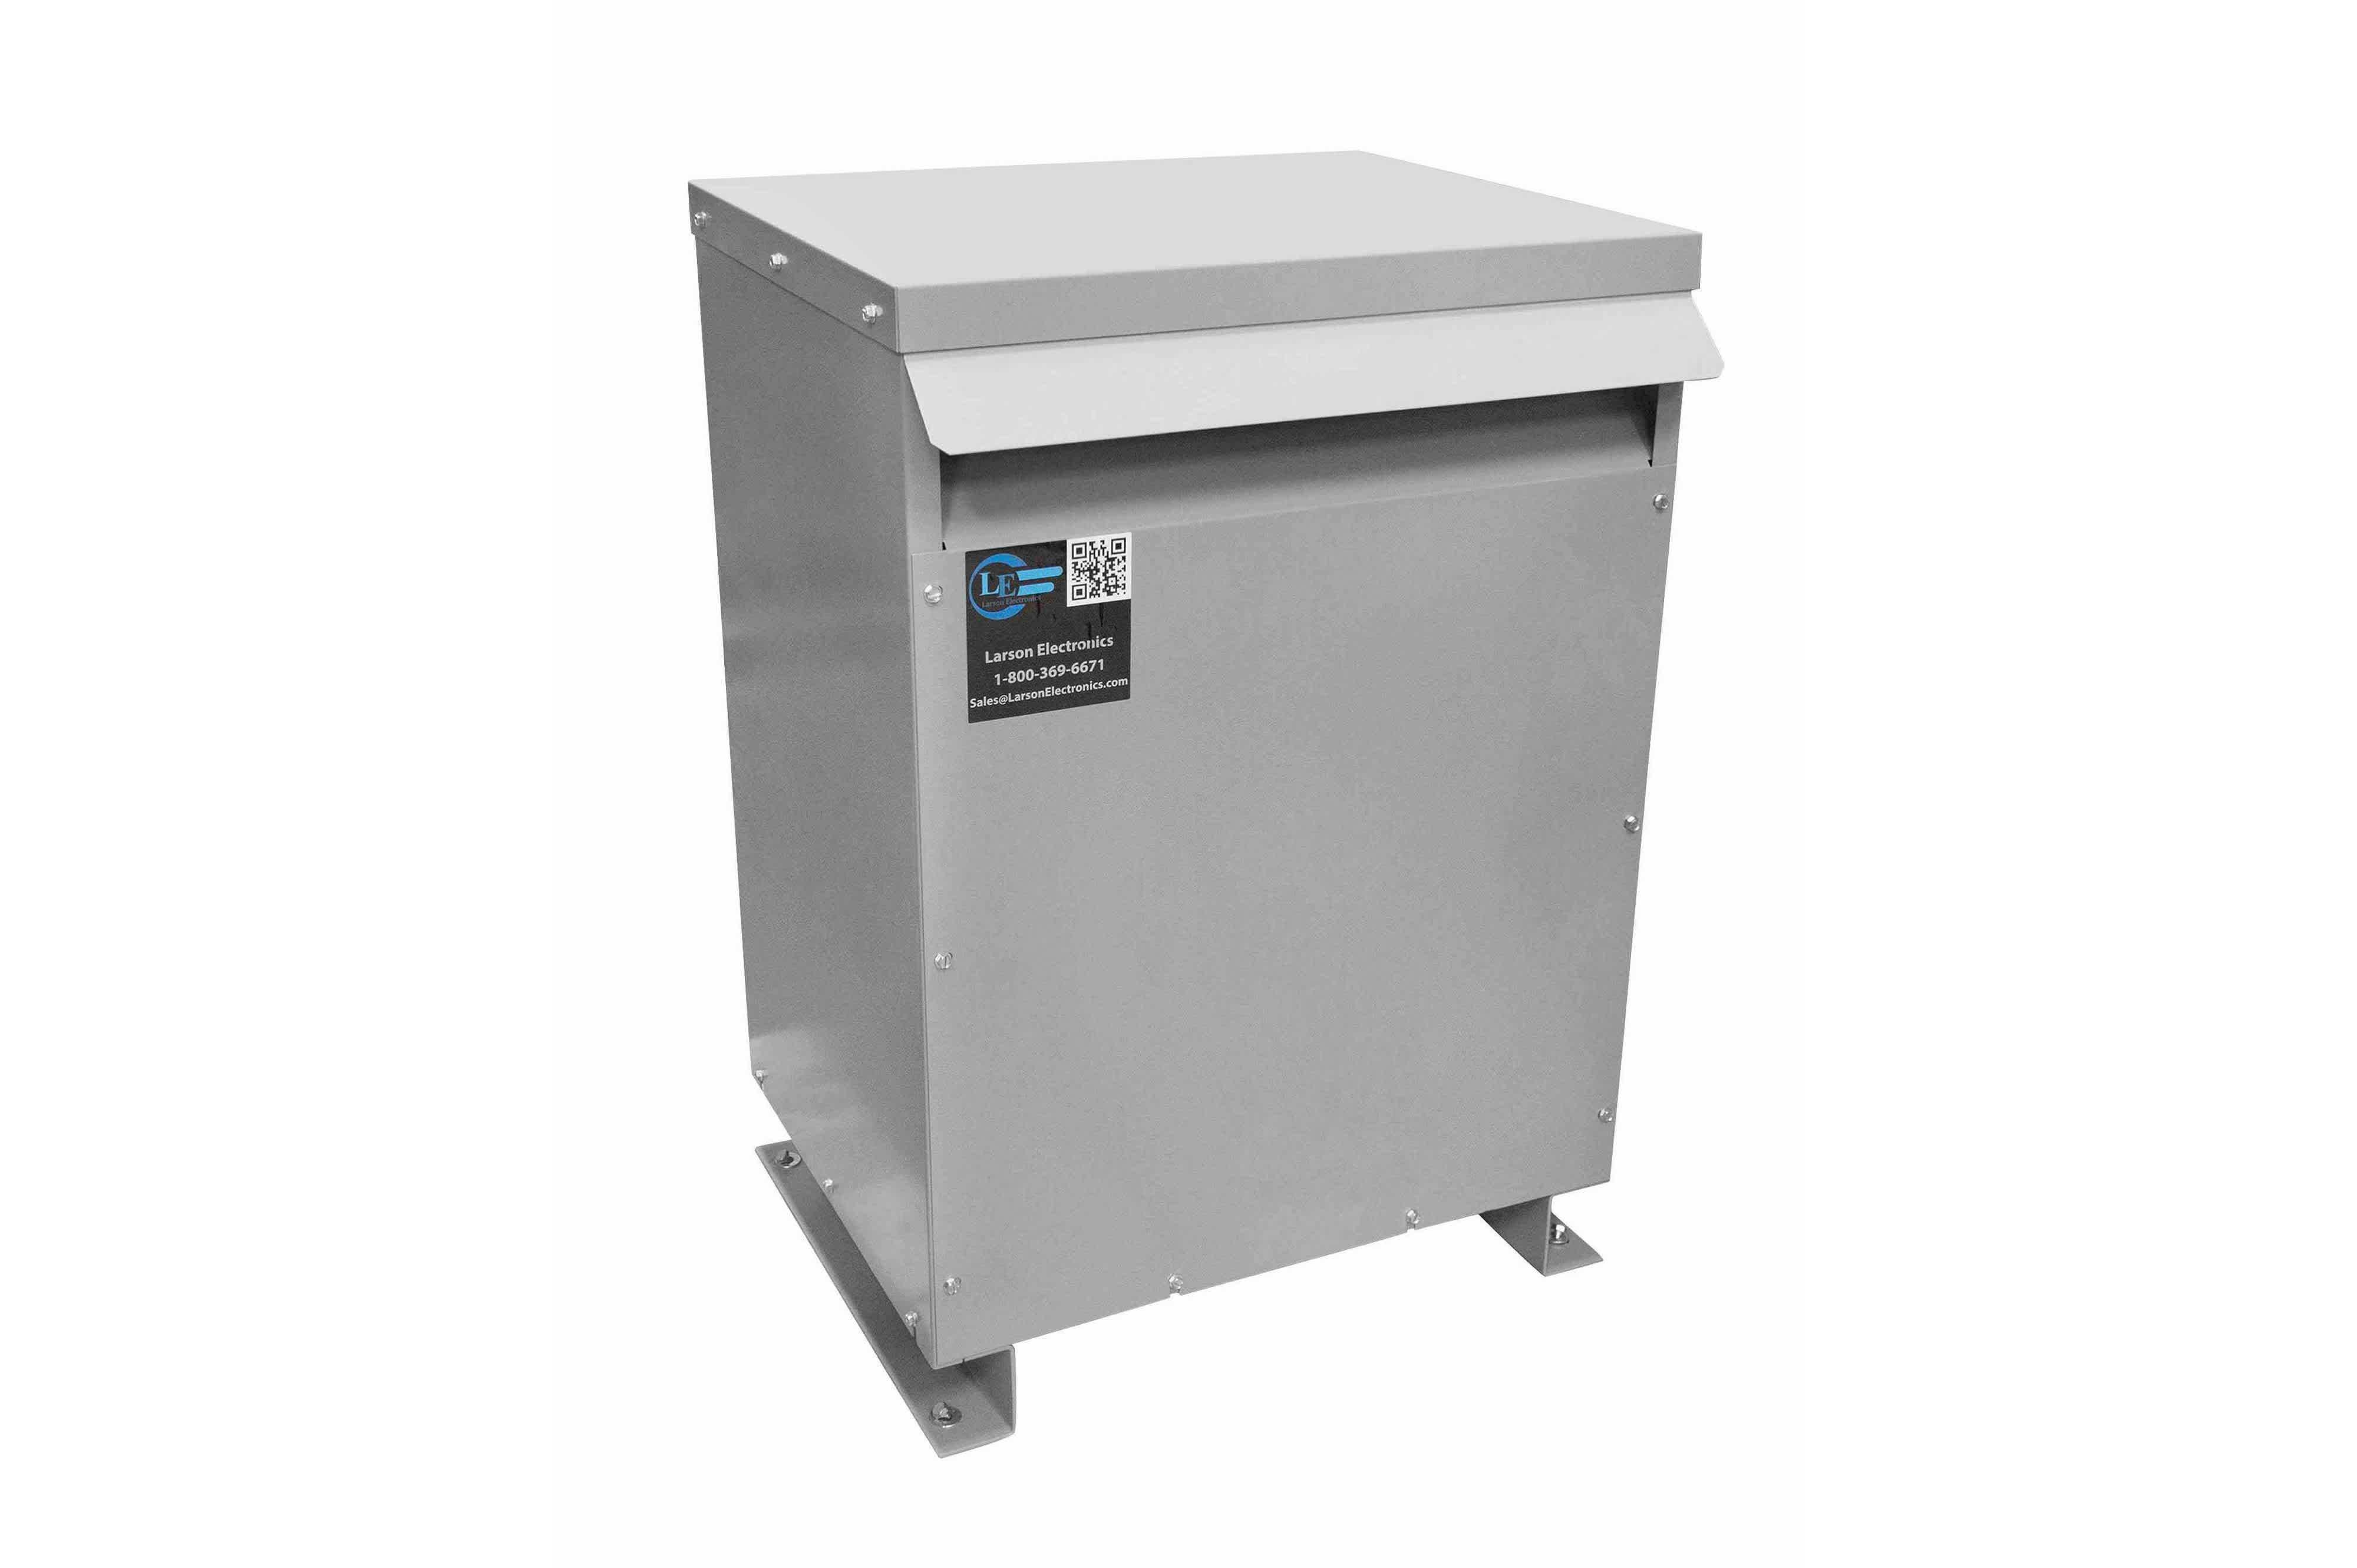 115 kVA 3PH Isolation Transformer, 575V Delta Primary, 415V Delta Secondary, N3R, Ventilated, 60 Hz